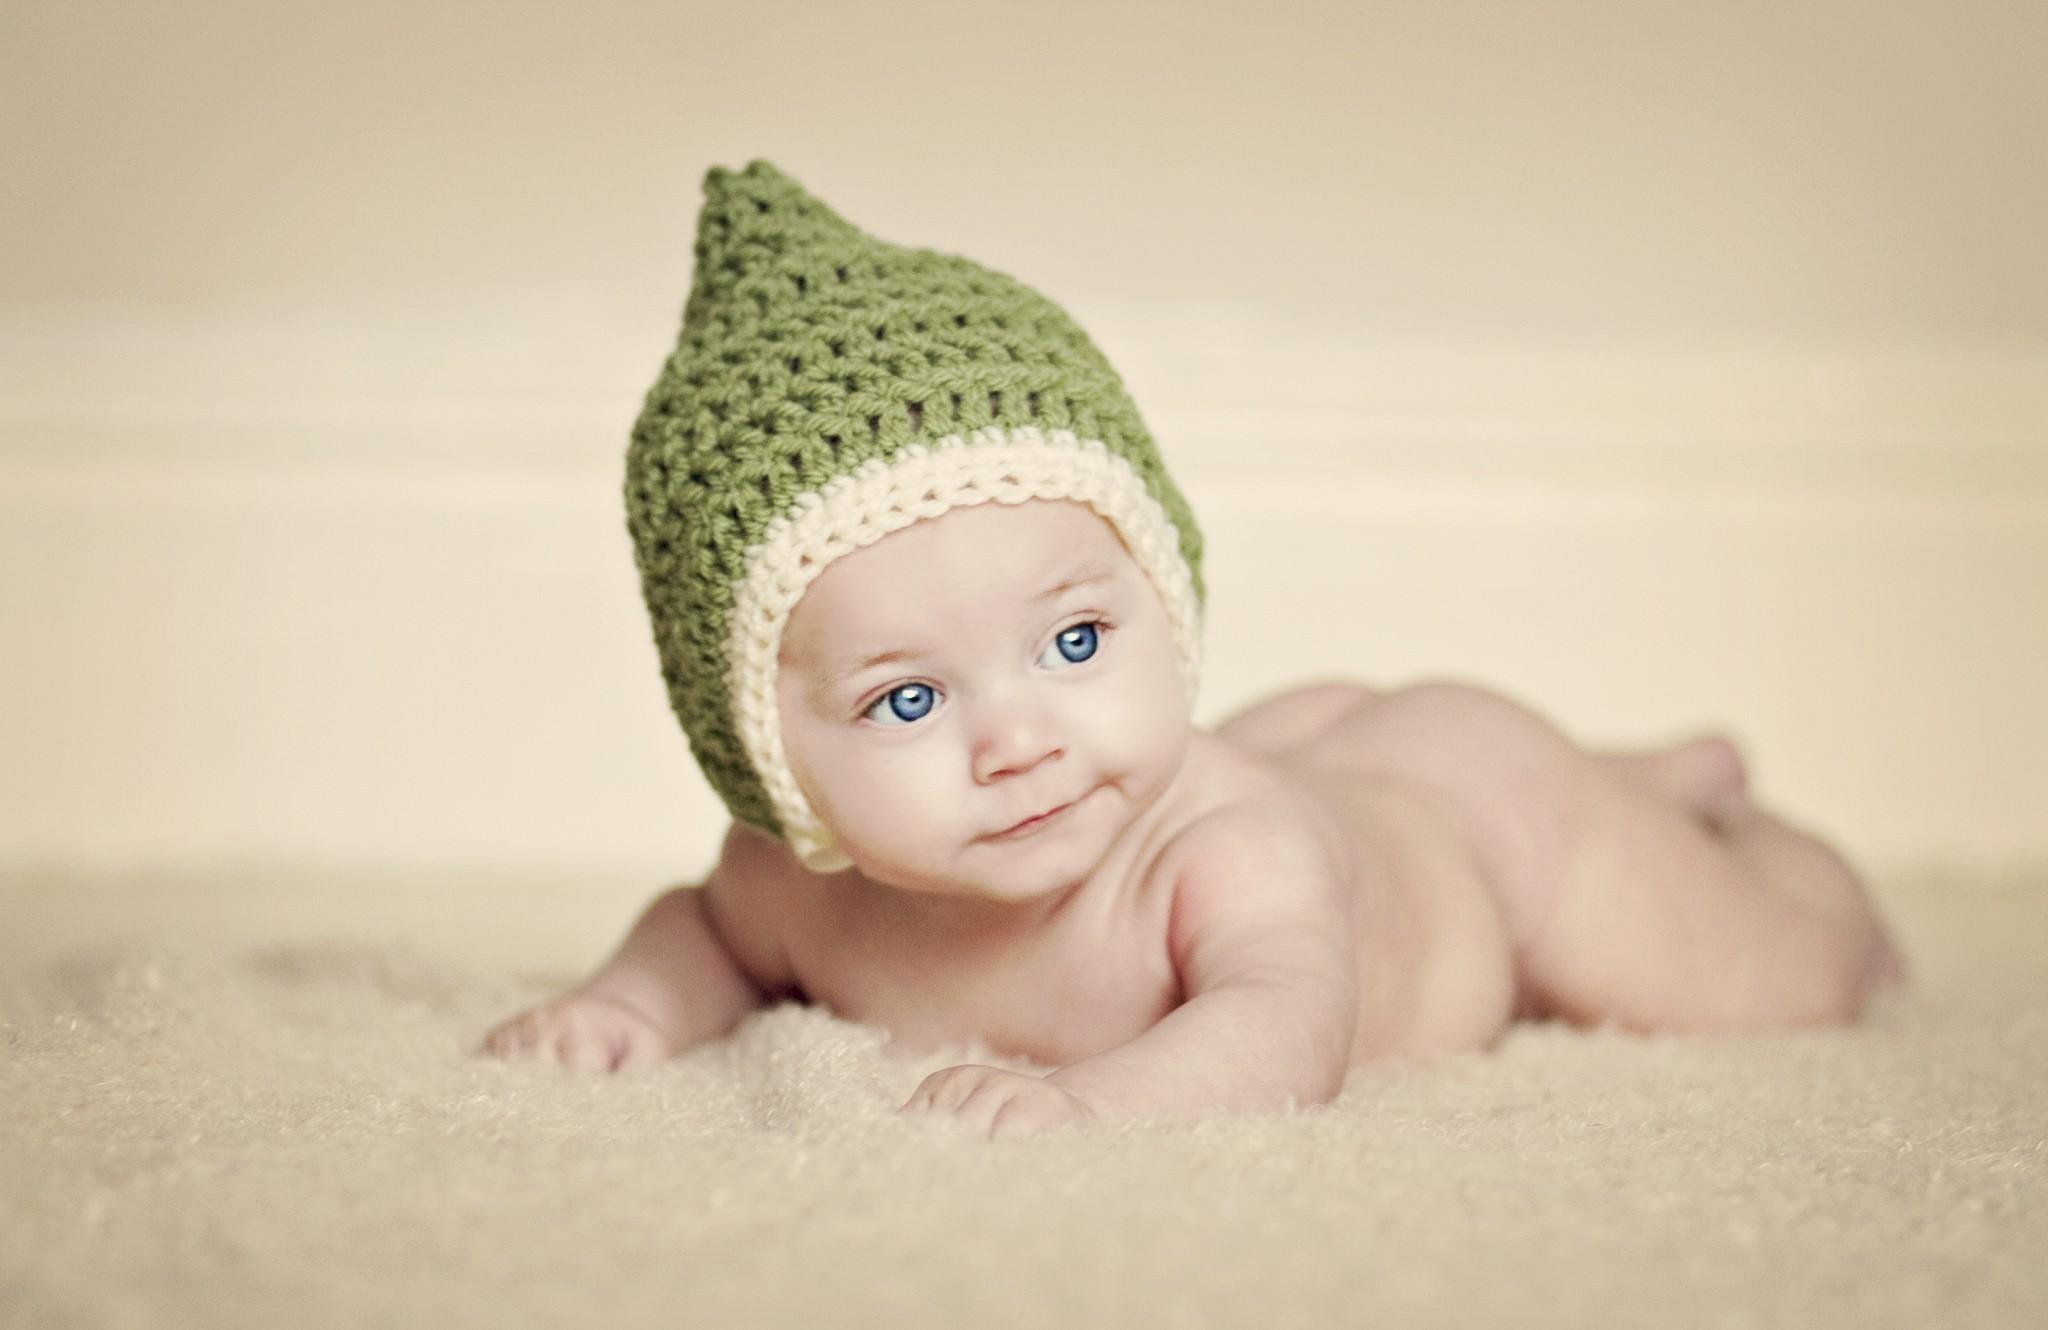 Tierno Bebe recién nacido